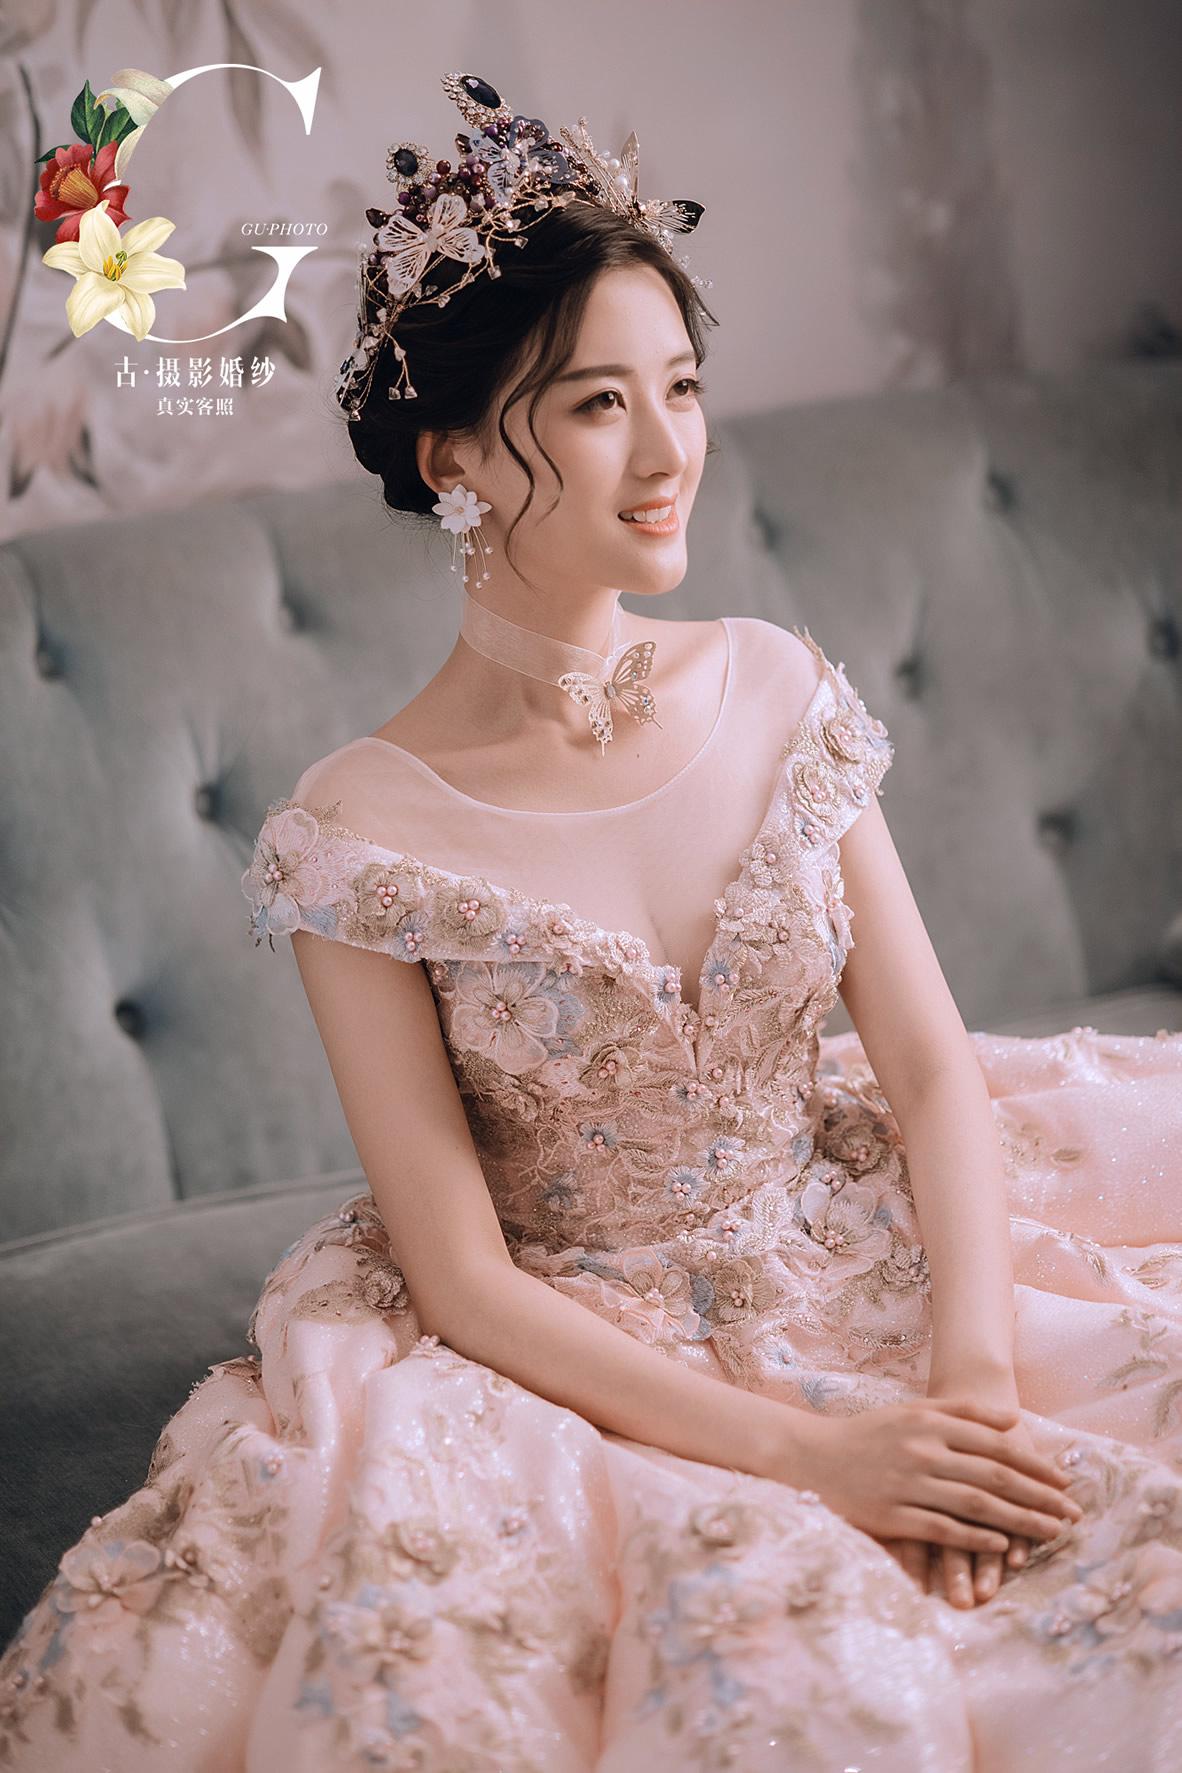 6月15日客片陈先生 辜小姐 - 每日客照 - 古摄影婚纱艺术-古摄影成都婚纱摄影艺术摄影网